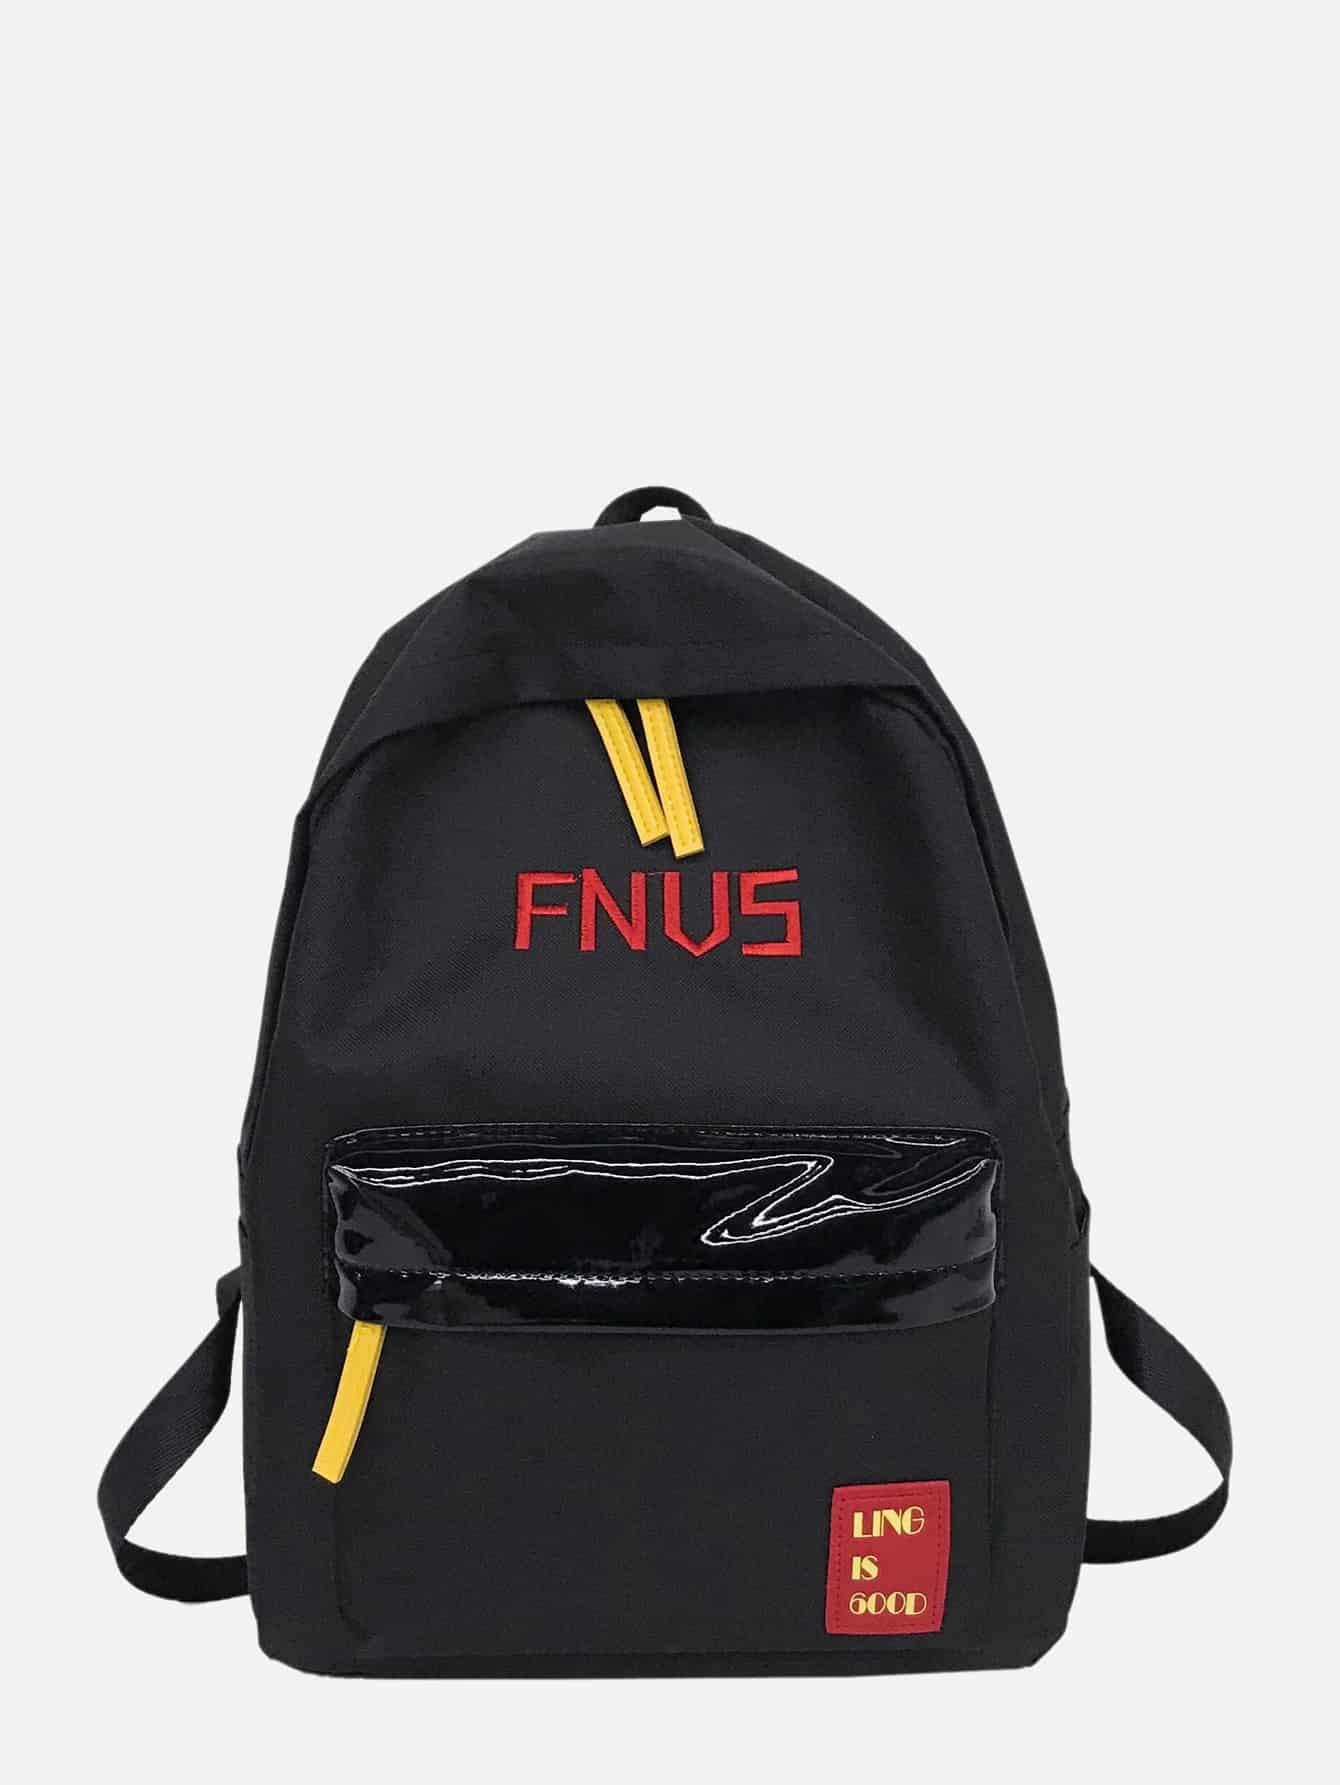 Купить Мужский рюкзак с вышитым текстовым принтом, null, SheIn